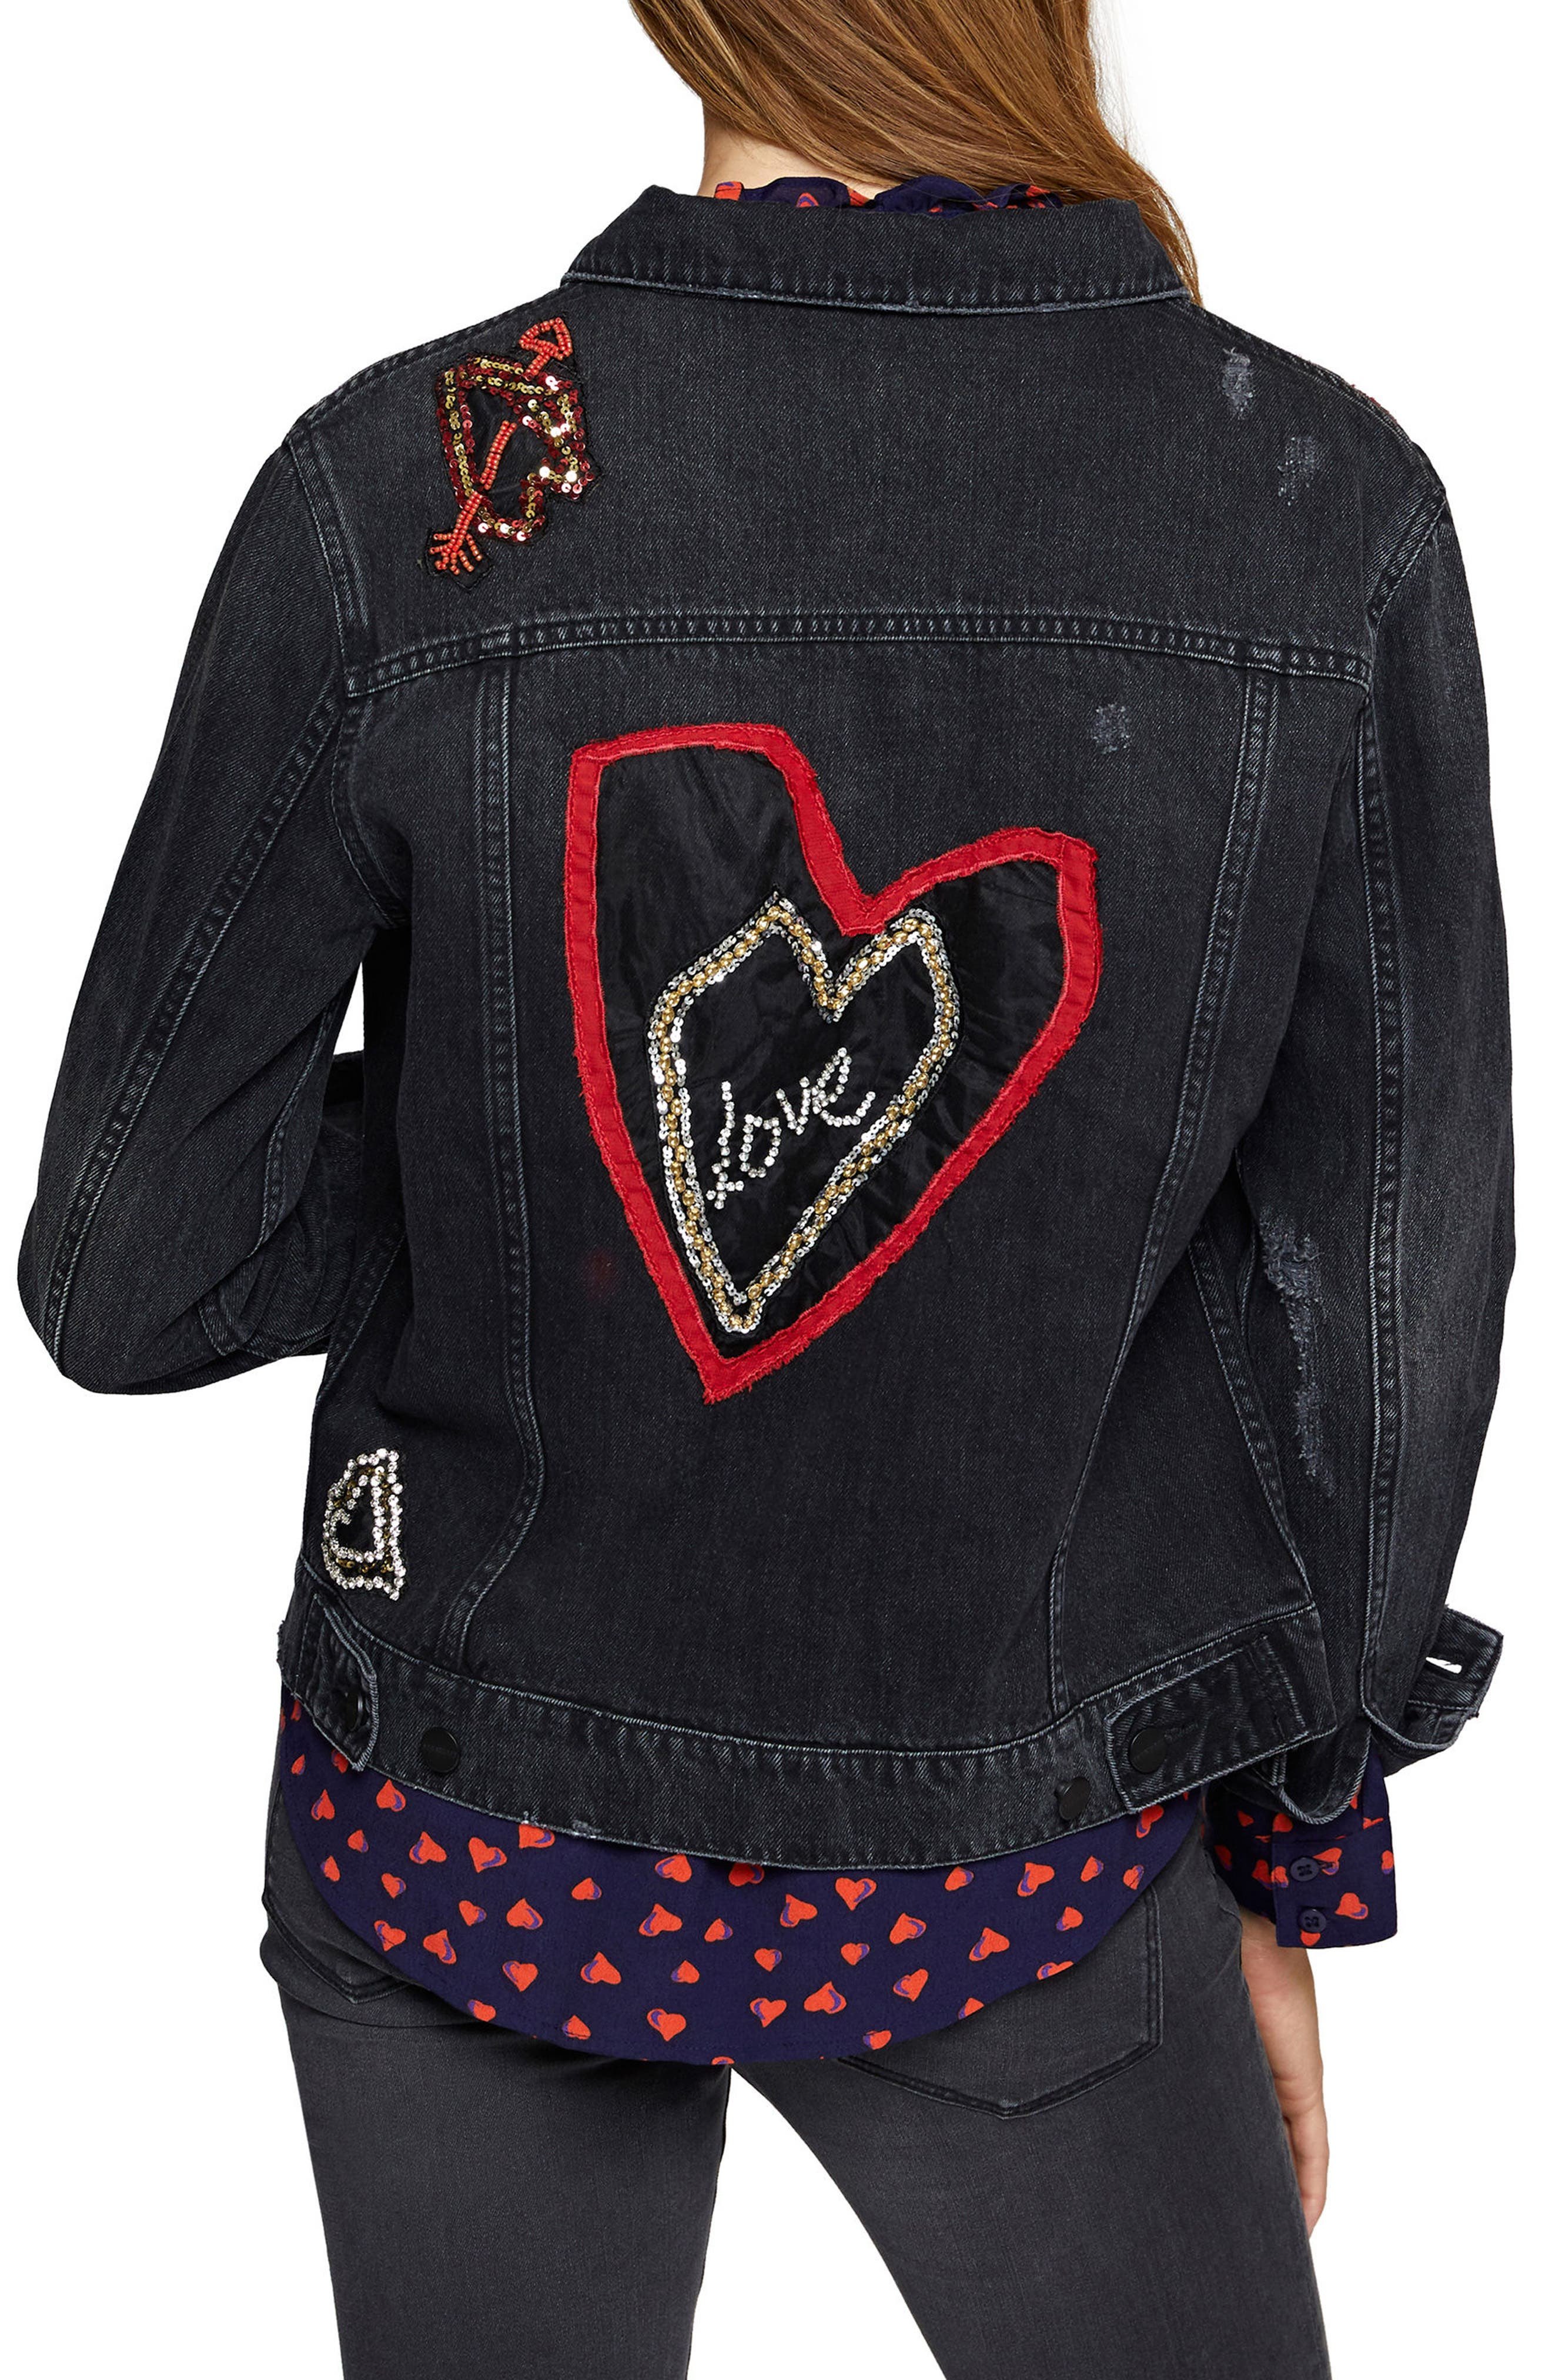 Heartbreaker Denim Jacket,                             Alternate thumbnail 2, color,                             010